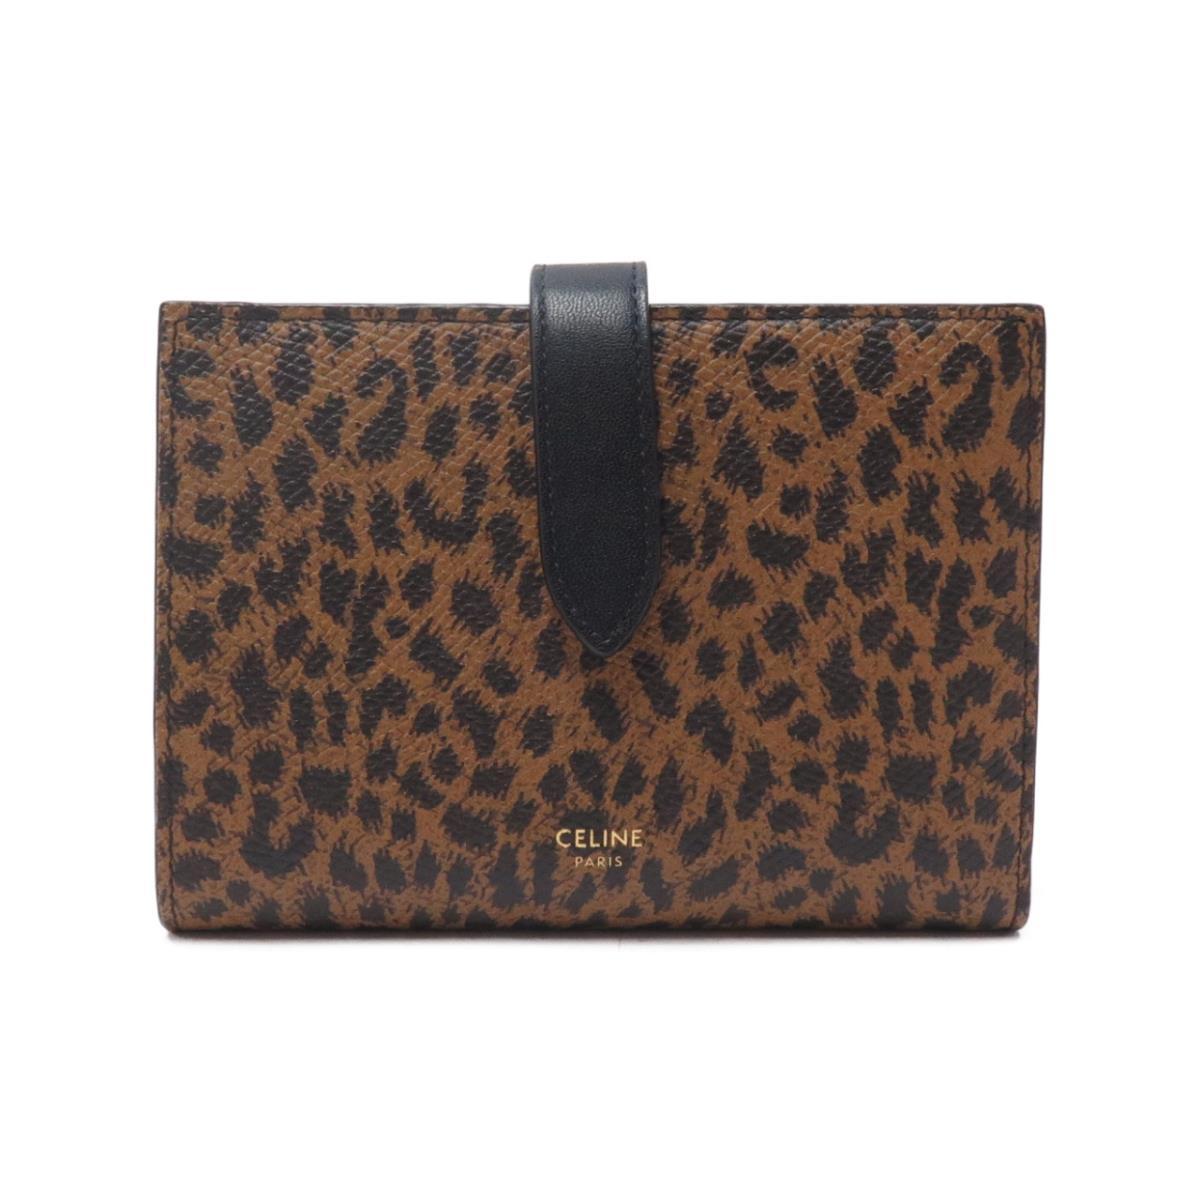 ヒョウ柄の財布